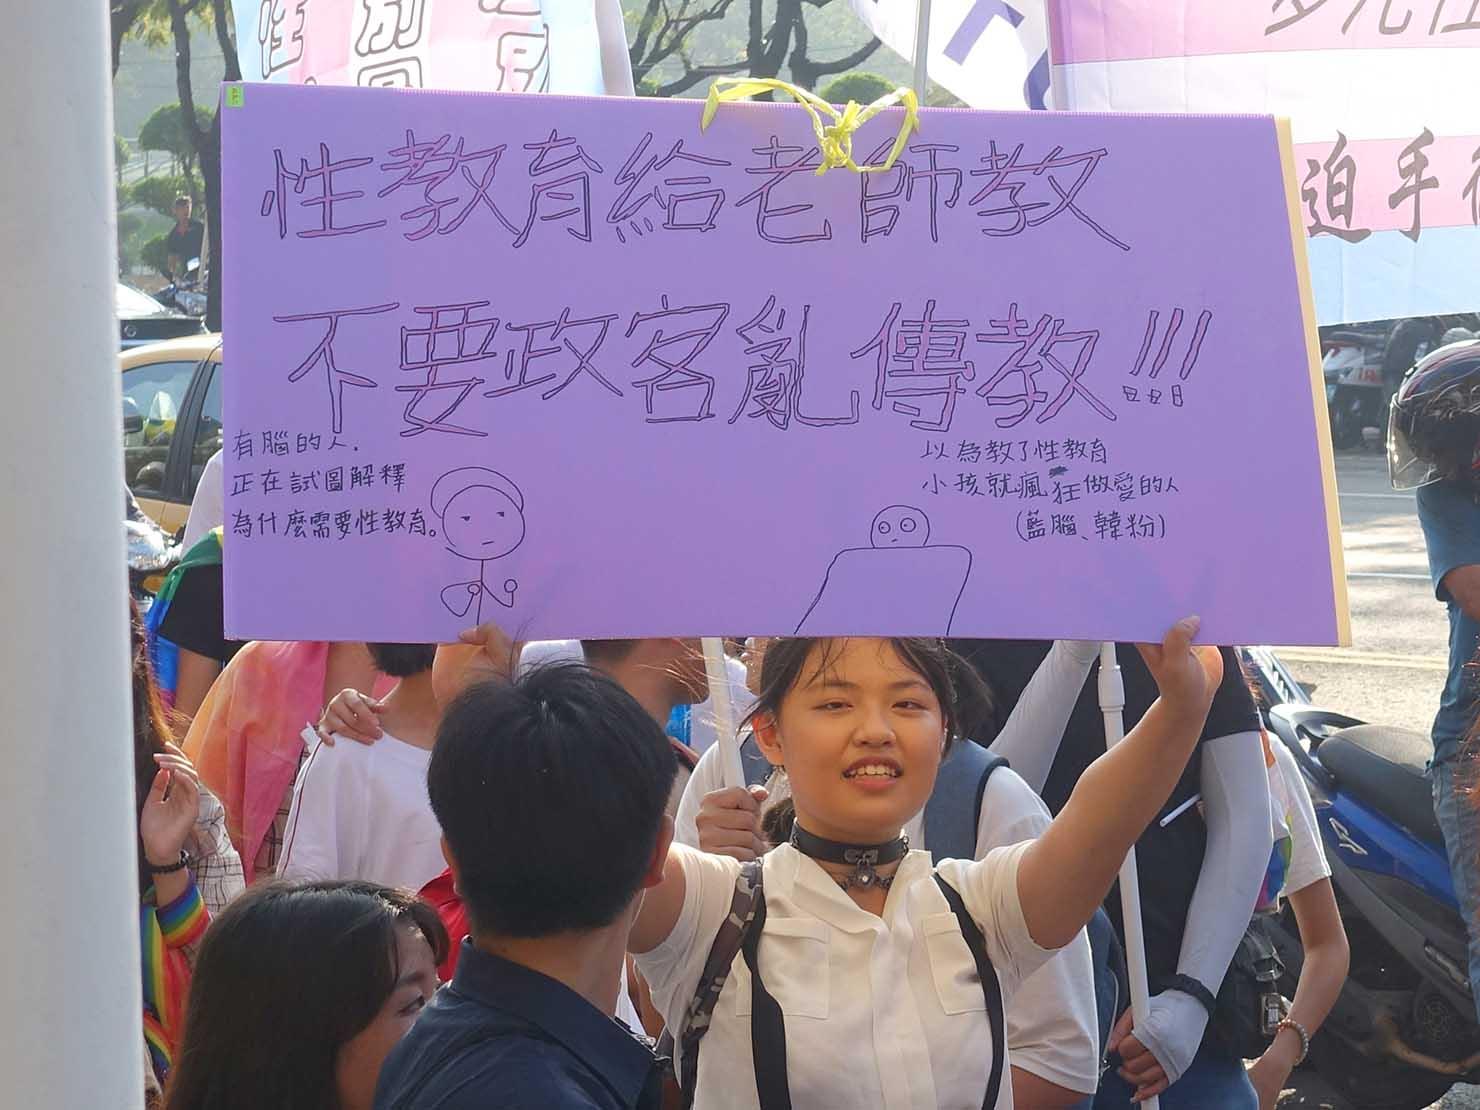 「高雄同志大遊行(高雄プライド)」2019のパレードで性別平等教育に関するメッセージを伝える参加者